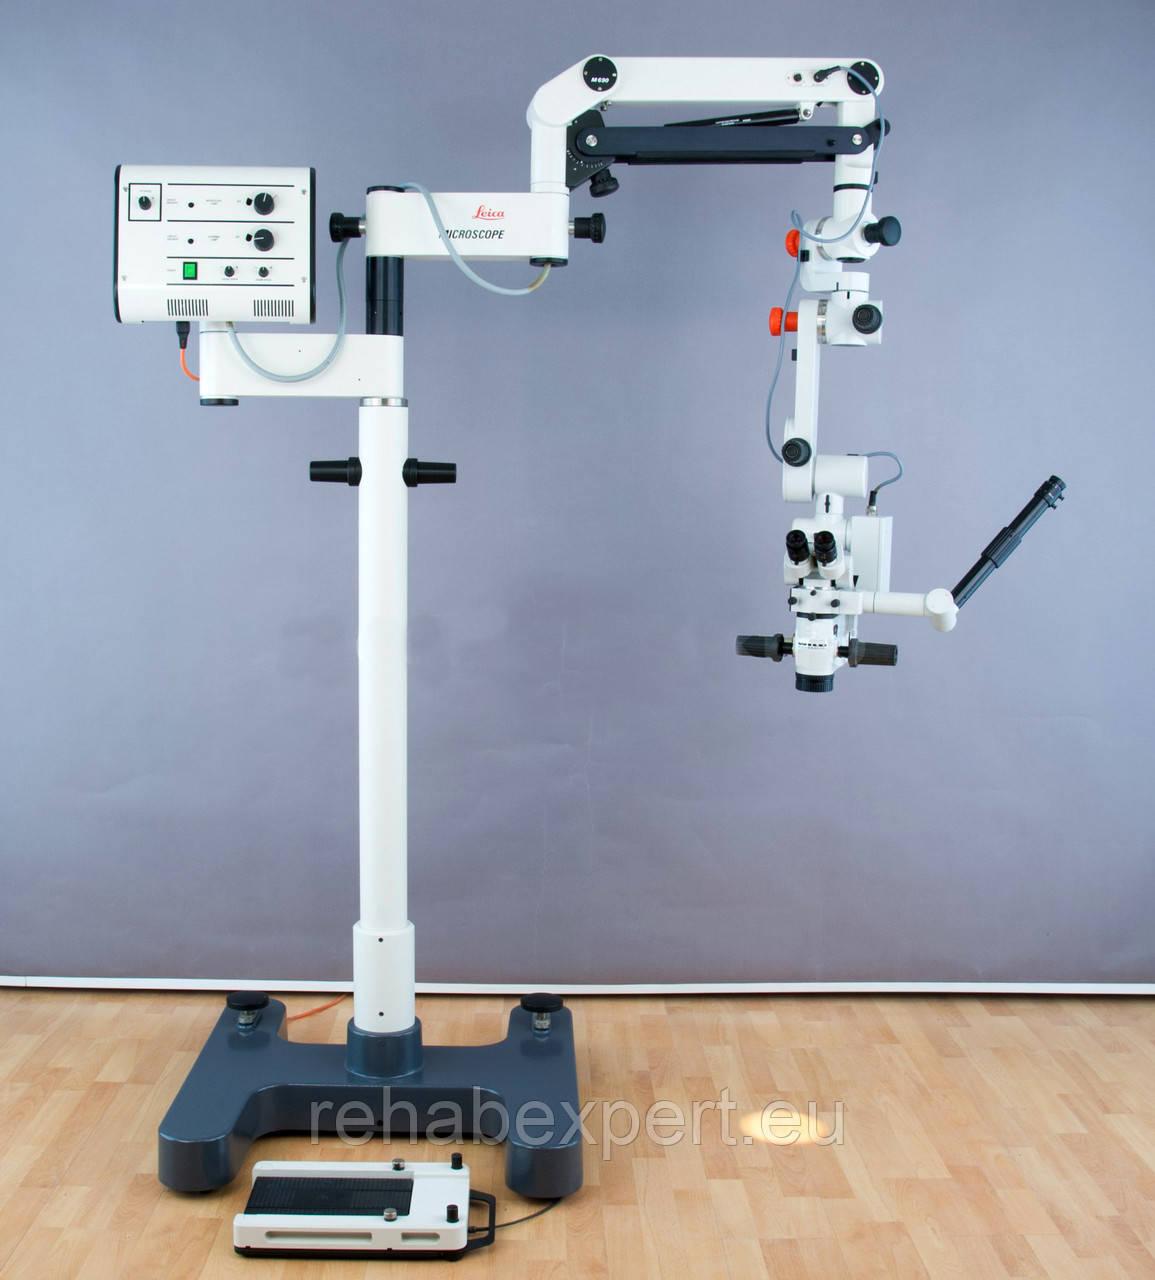 электрически управляемый Операционный микроскоп для нейрохирургии LEICA WILD M691 модель на штат